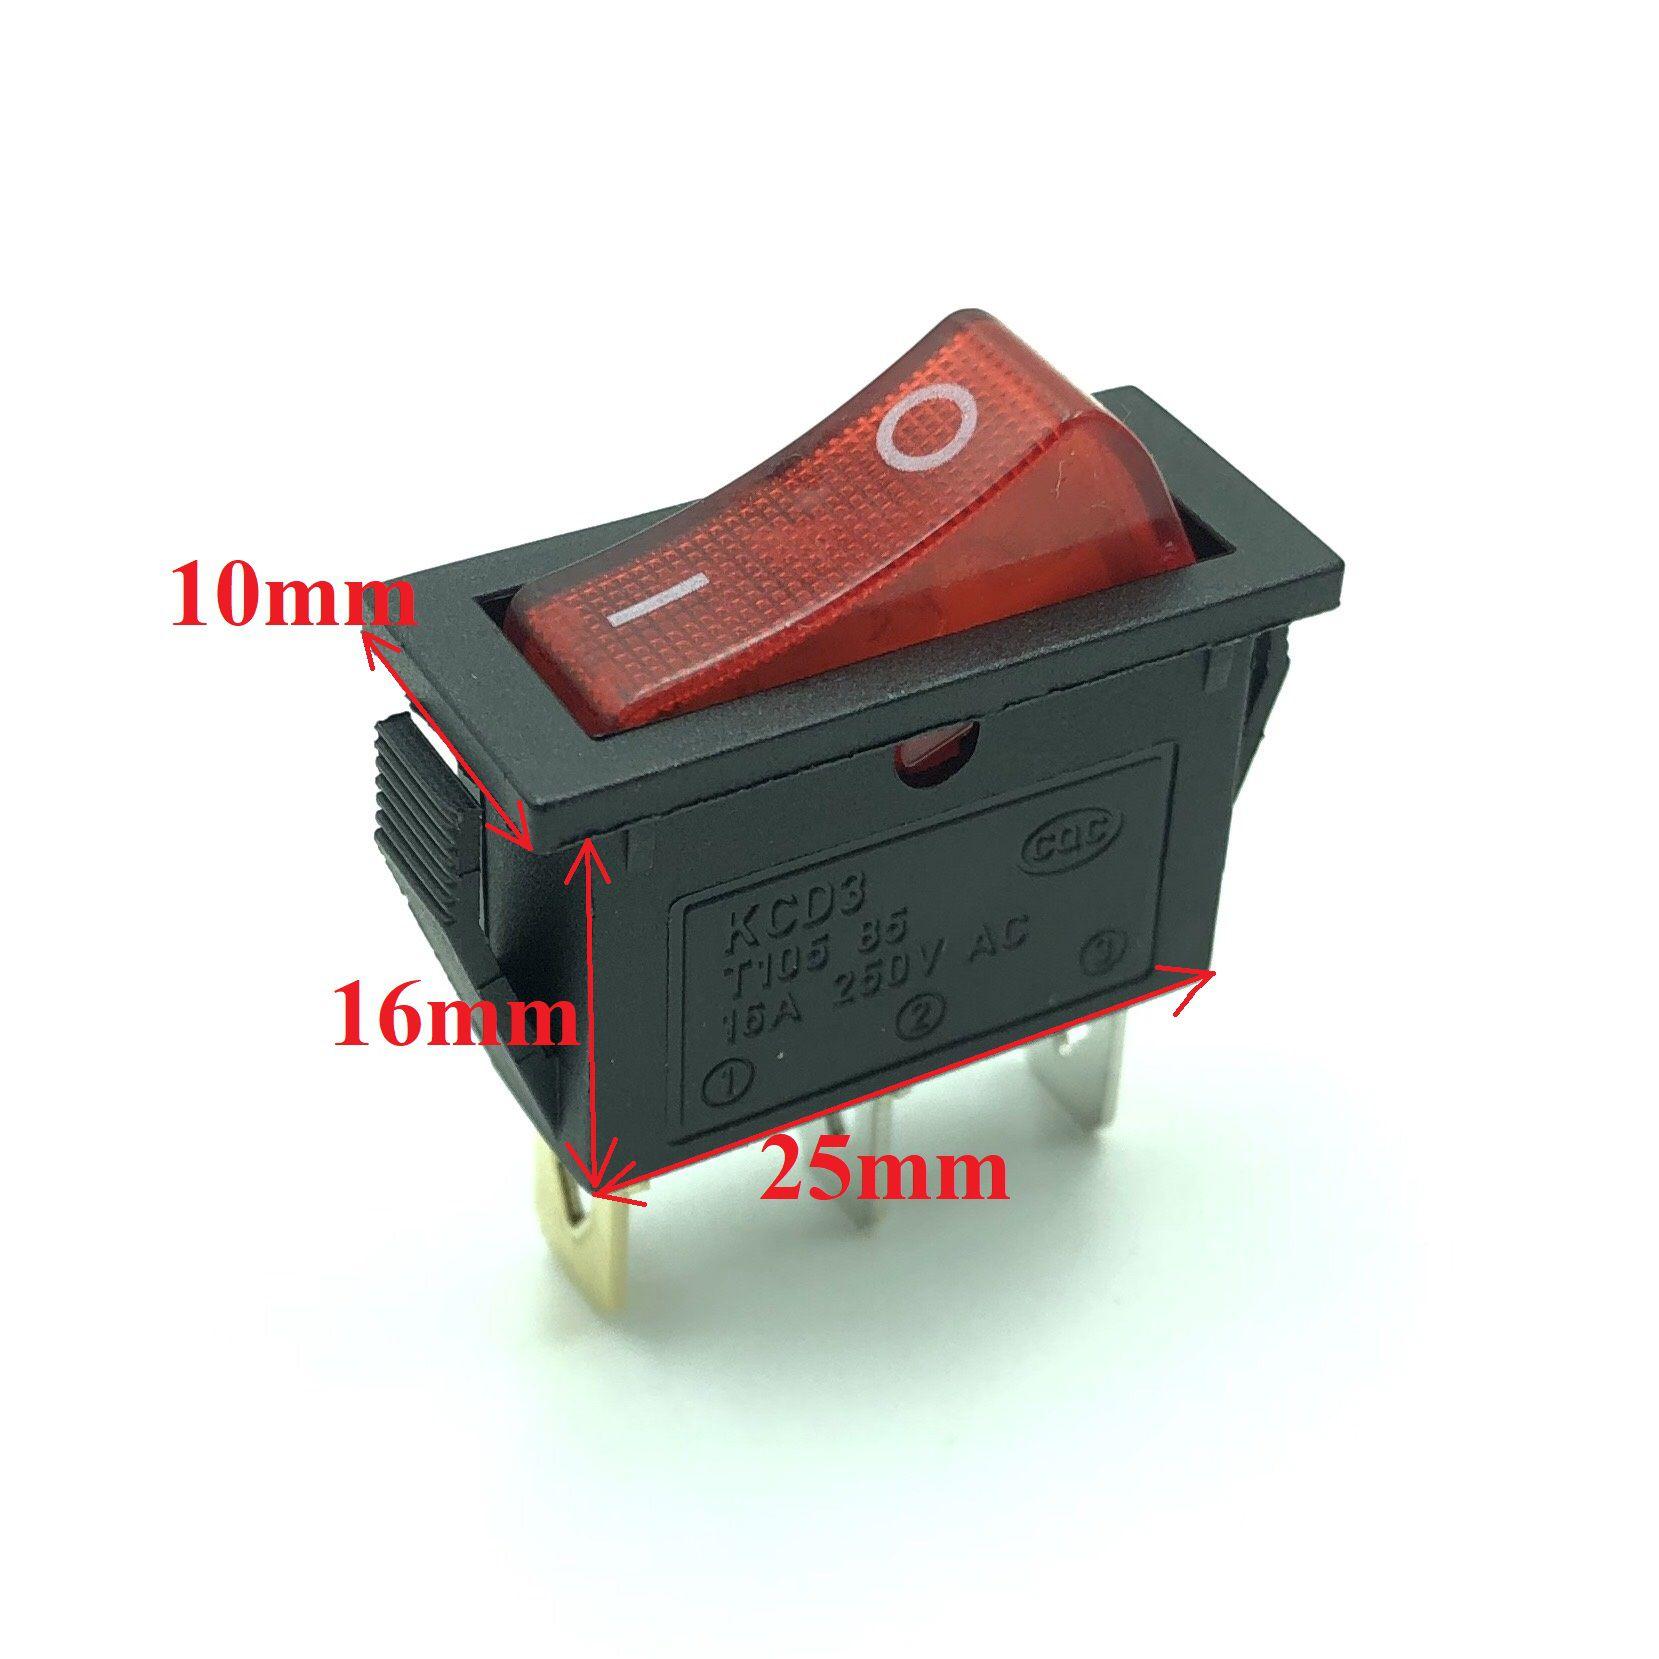 Công tắc nguồn KCD3 T105 có đèn 220v  - X2H25